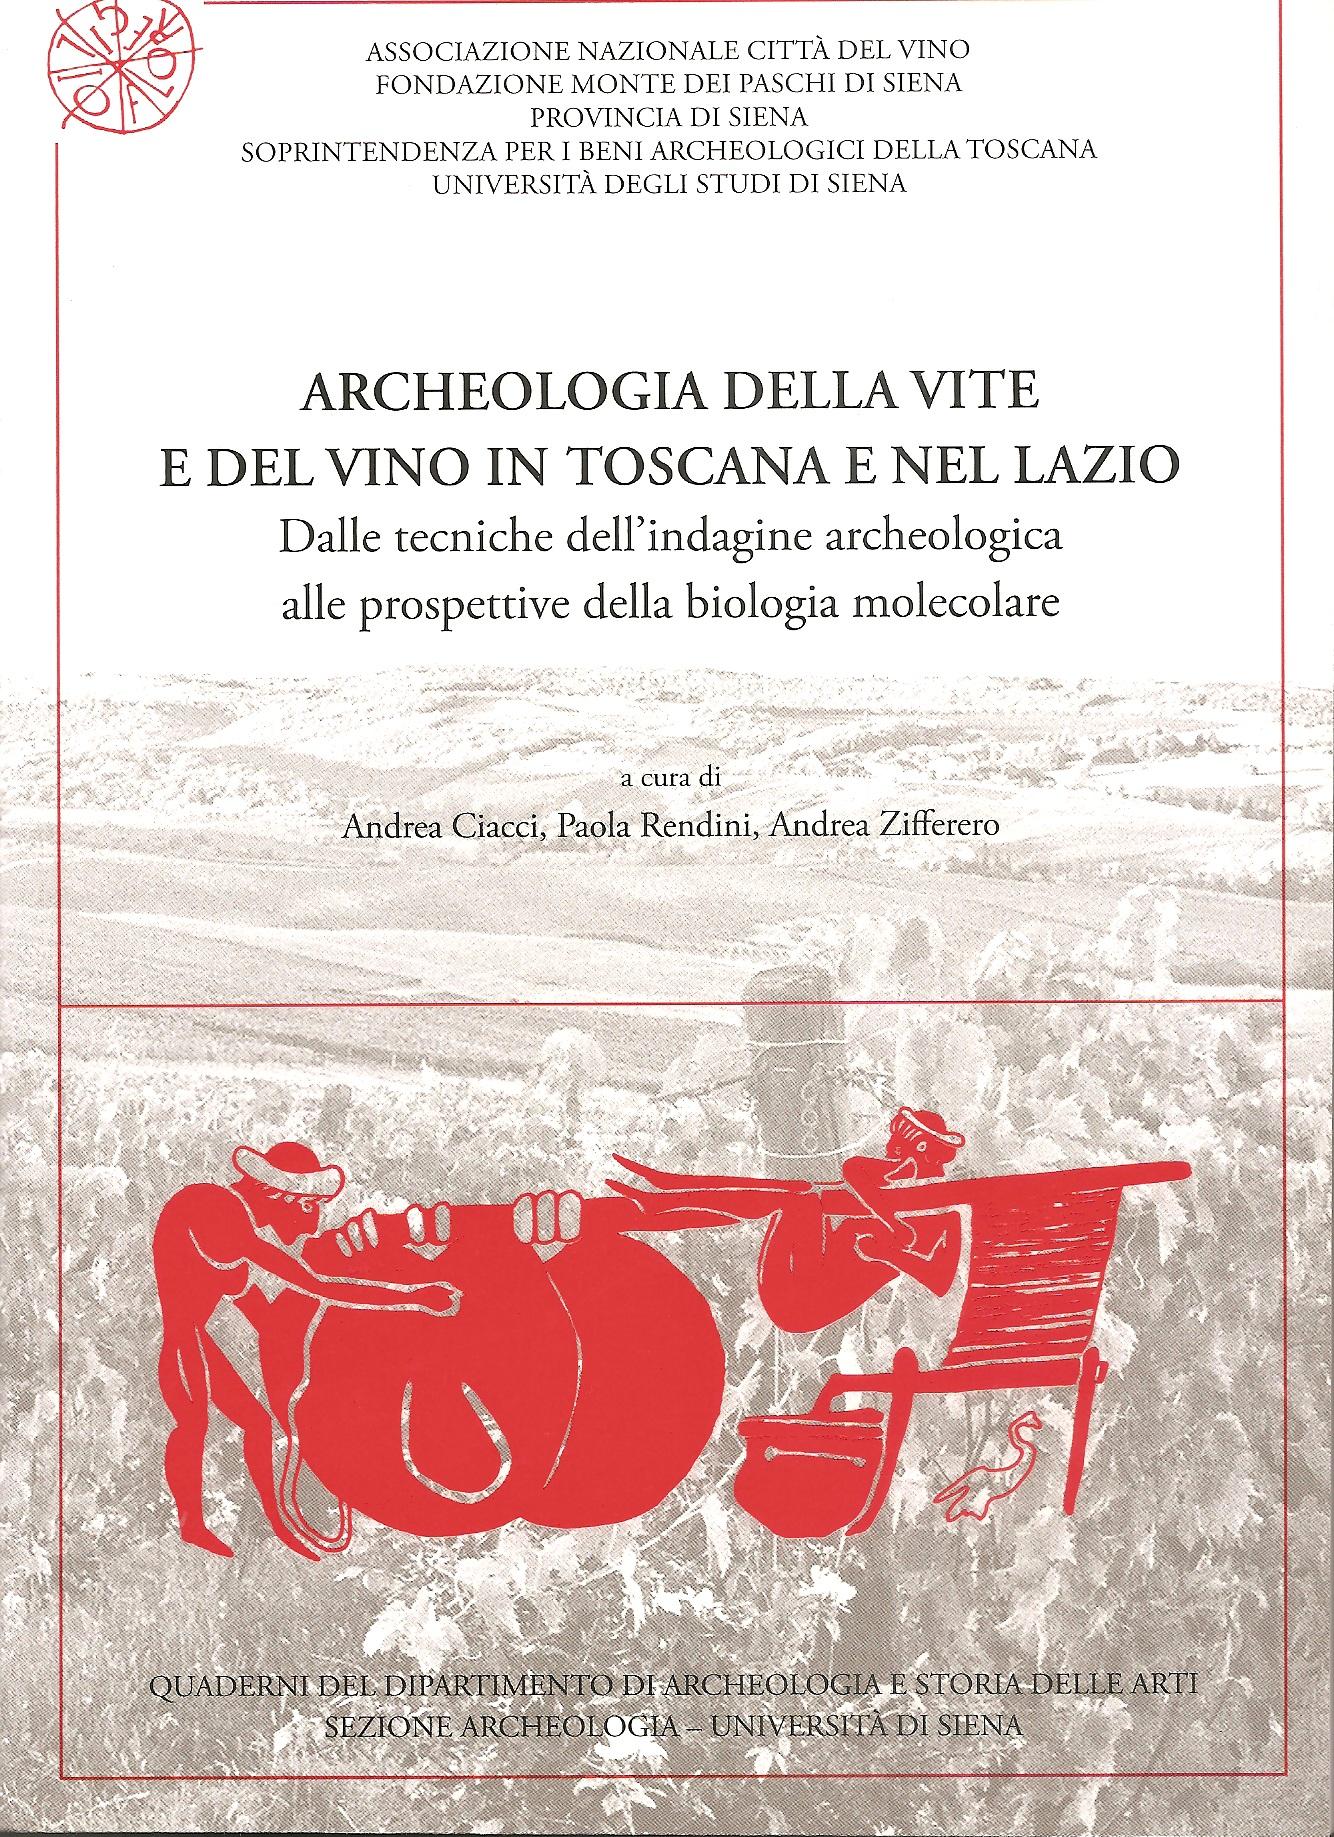 Archeologia della vite e del vino in Toscana e nel Lazio